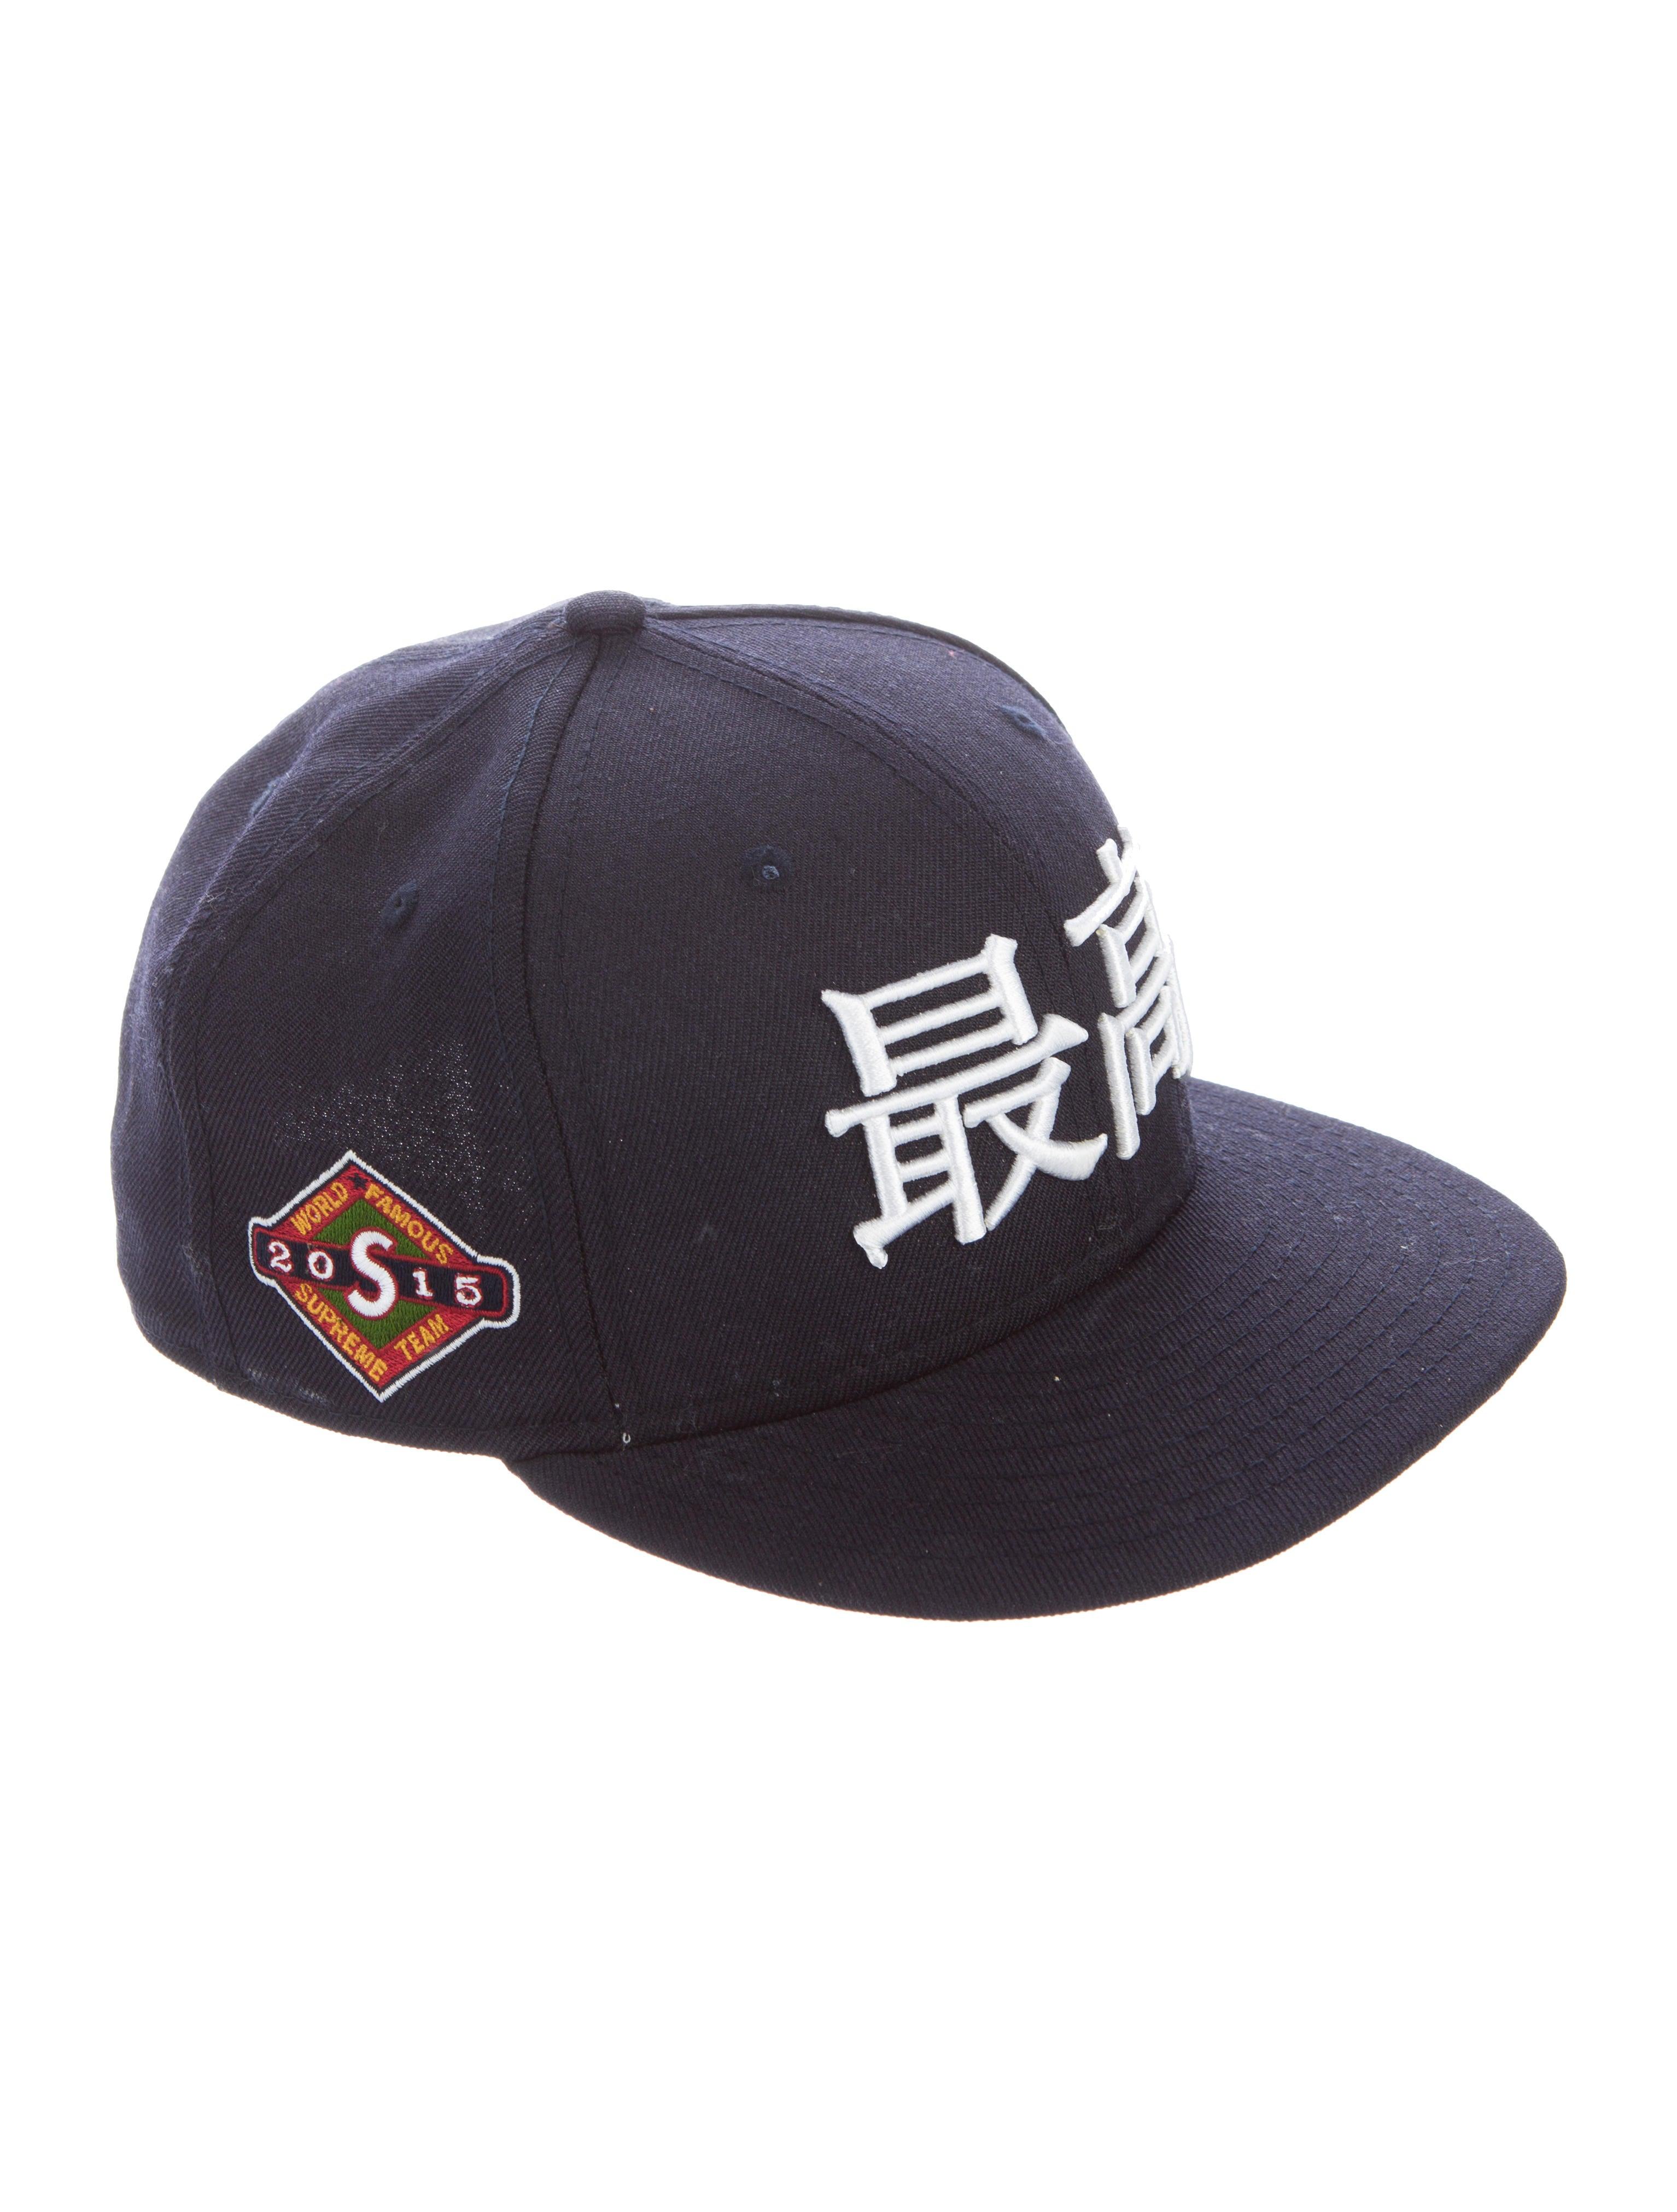 Supreme Kanji Fitted Cap - Accessories - WSPME20045  589b25dd368